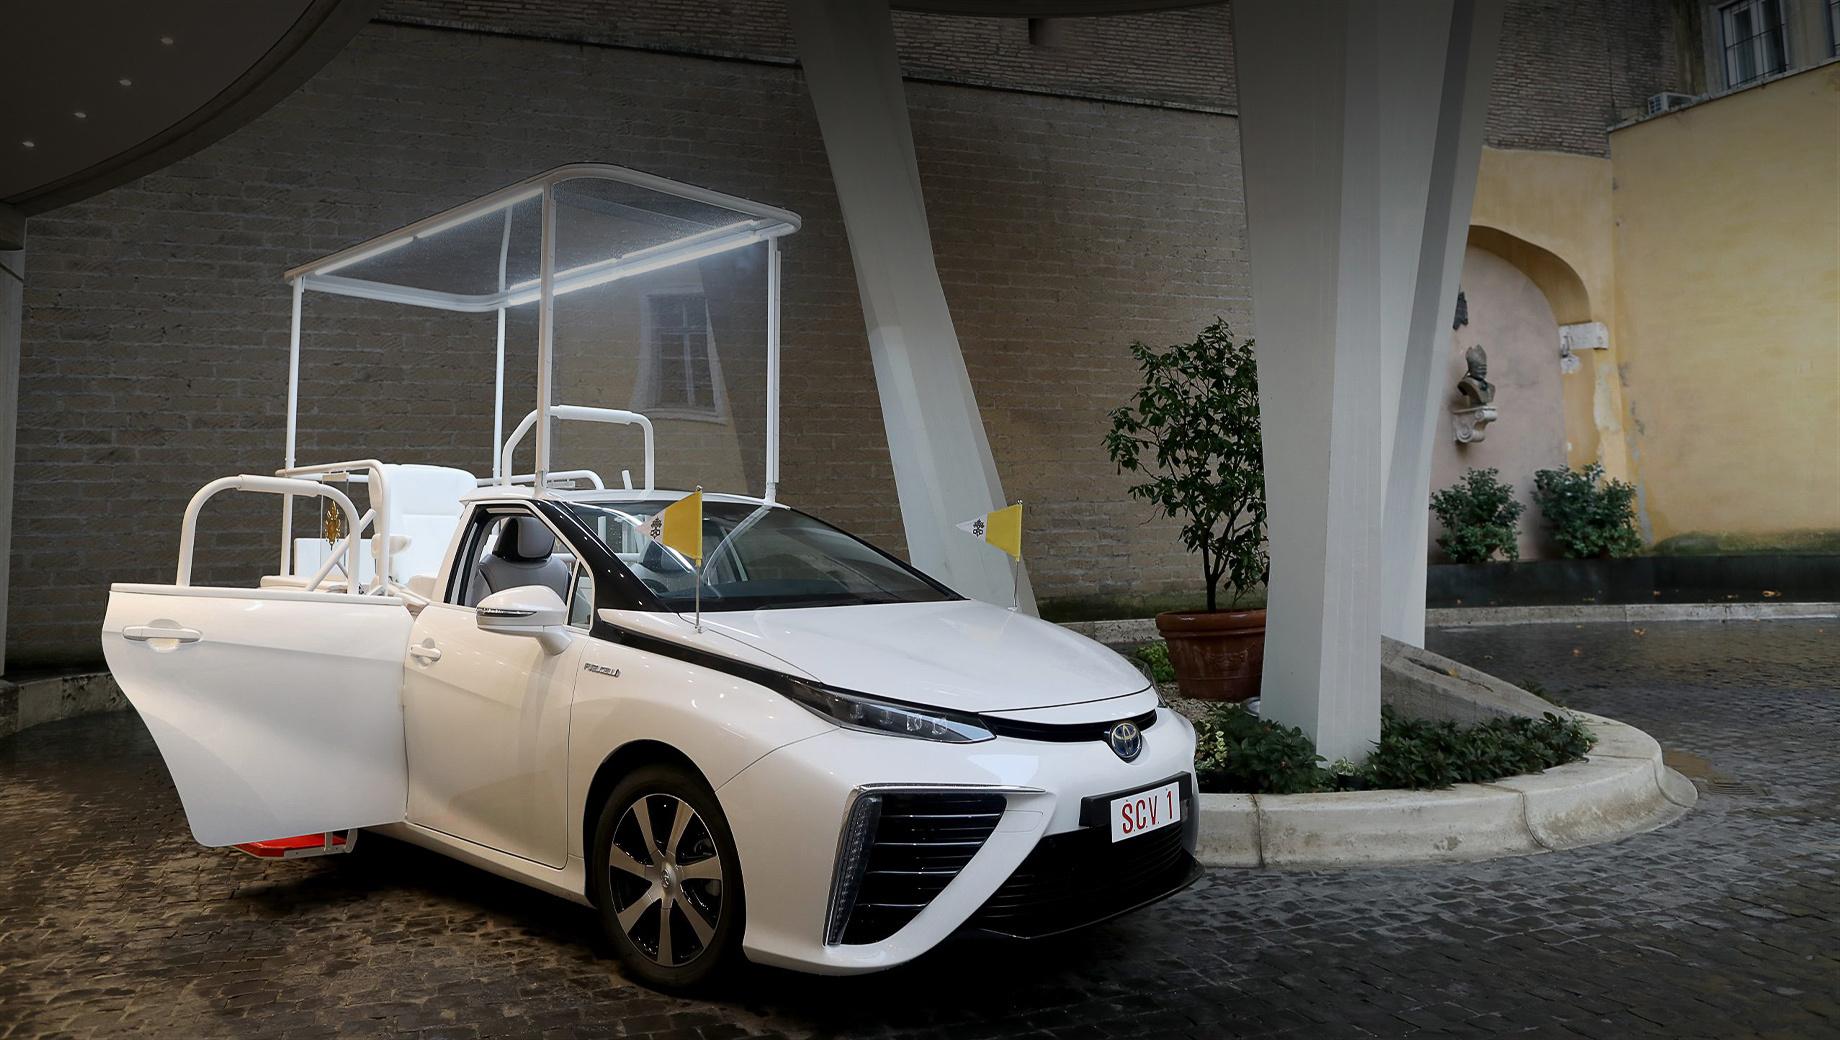 Toyota mirai. В январе был представлен «второй» седан Mirai, однако Его Святейшеству досталась машина первого поколения, поскольку «папамобиль» готовился к визиту Франциска в Японию 23–26 ноября 2019 года. Тогда Toyota изготовила для CBCJ два экземпляра и теперь преподнесла в дар один из них.